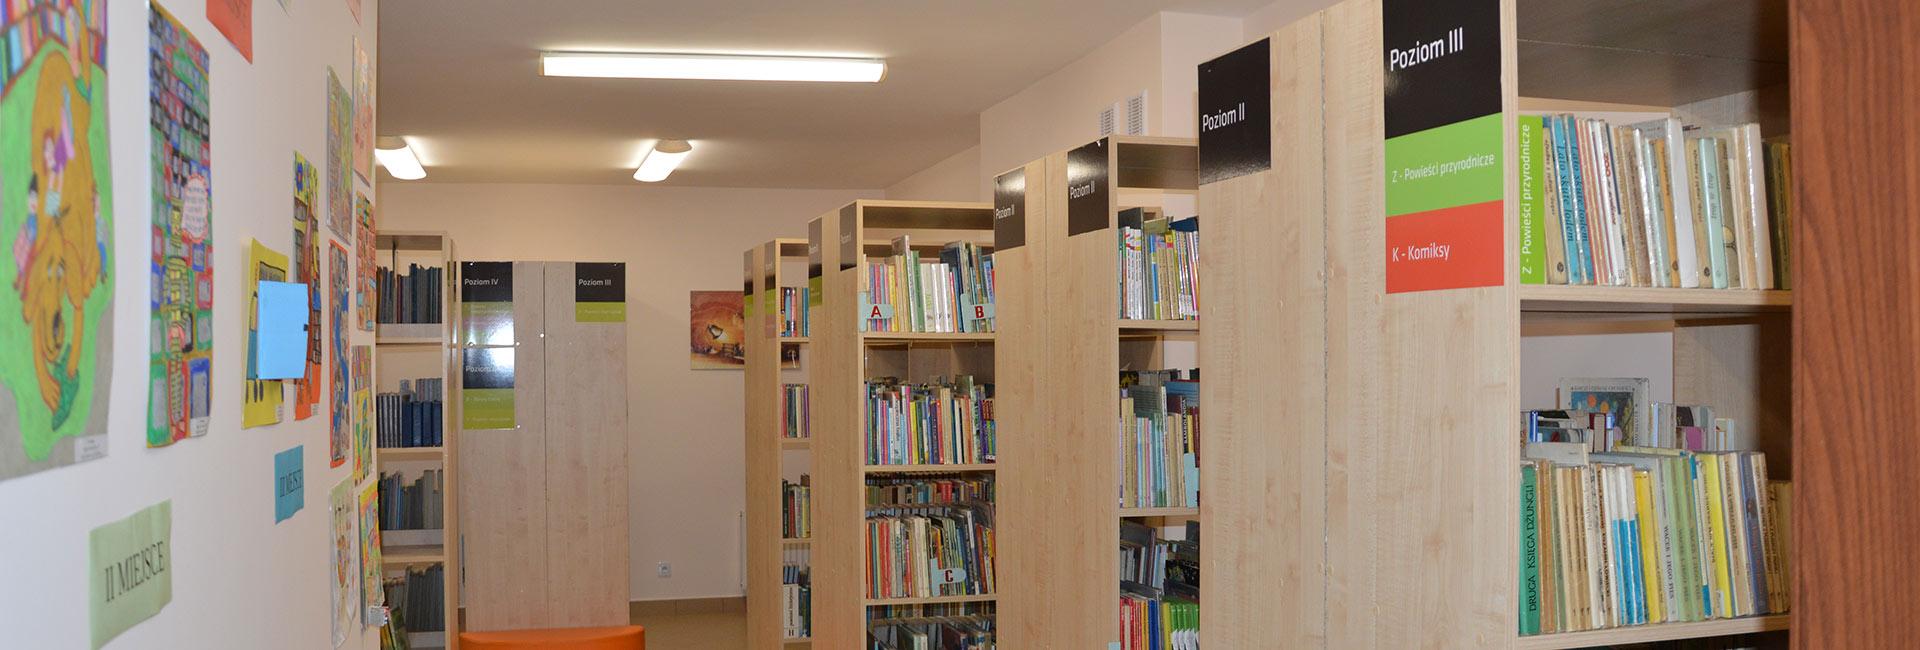 regały biblioteczne z książkami według tematyki